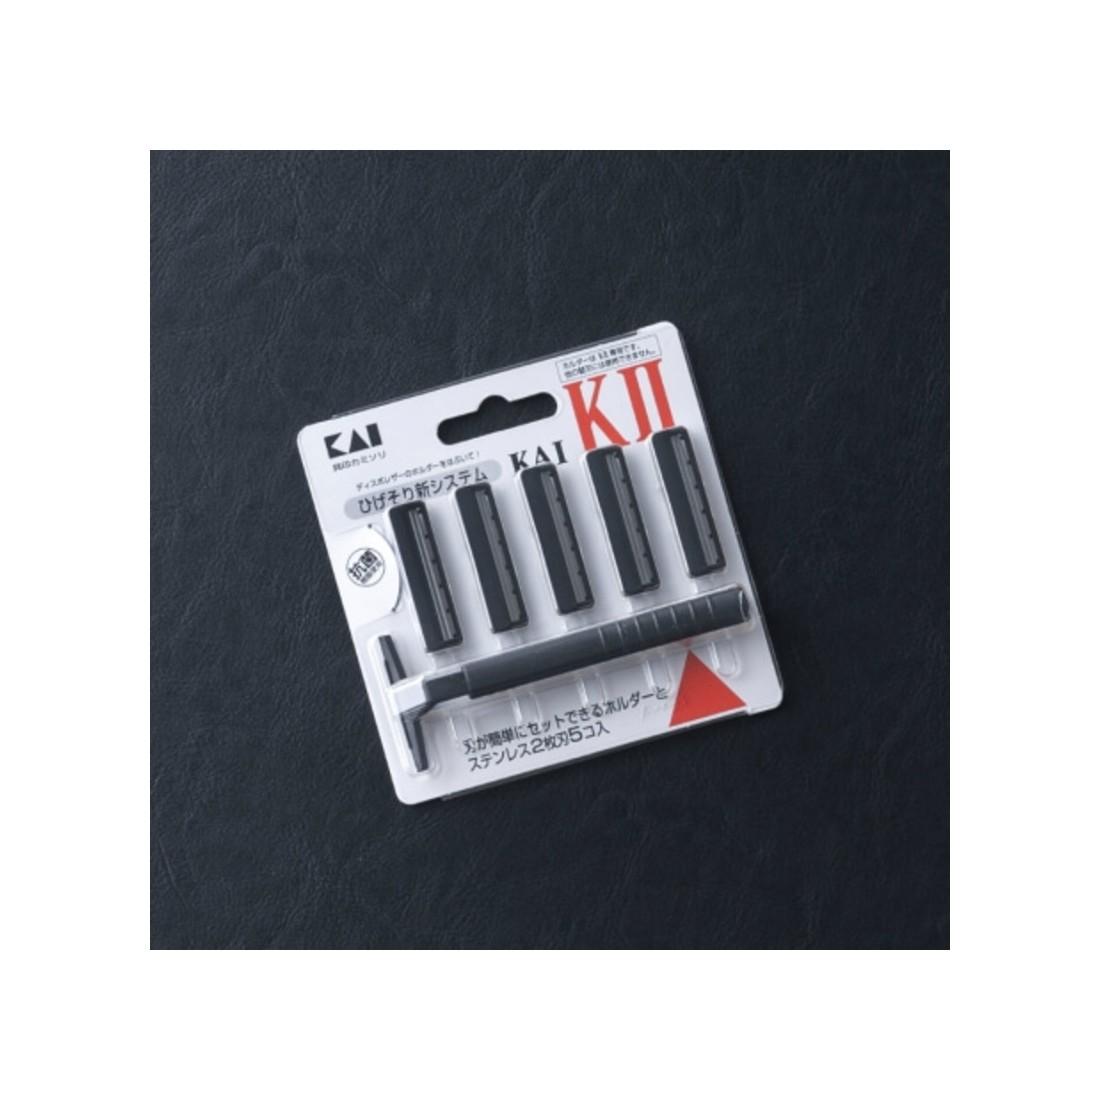 Set dao cạo 2 lưỡi kép KAI (1 thân, 5 lưỡi)-Thế giới đồ gia